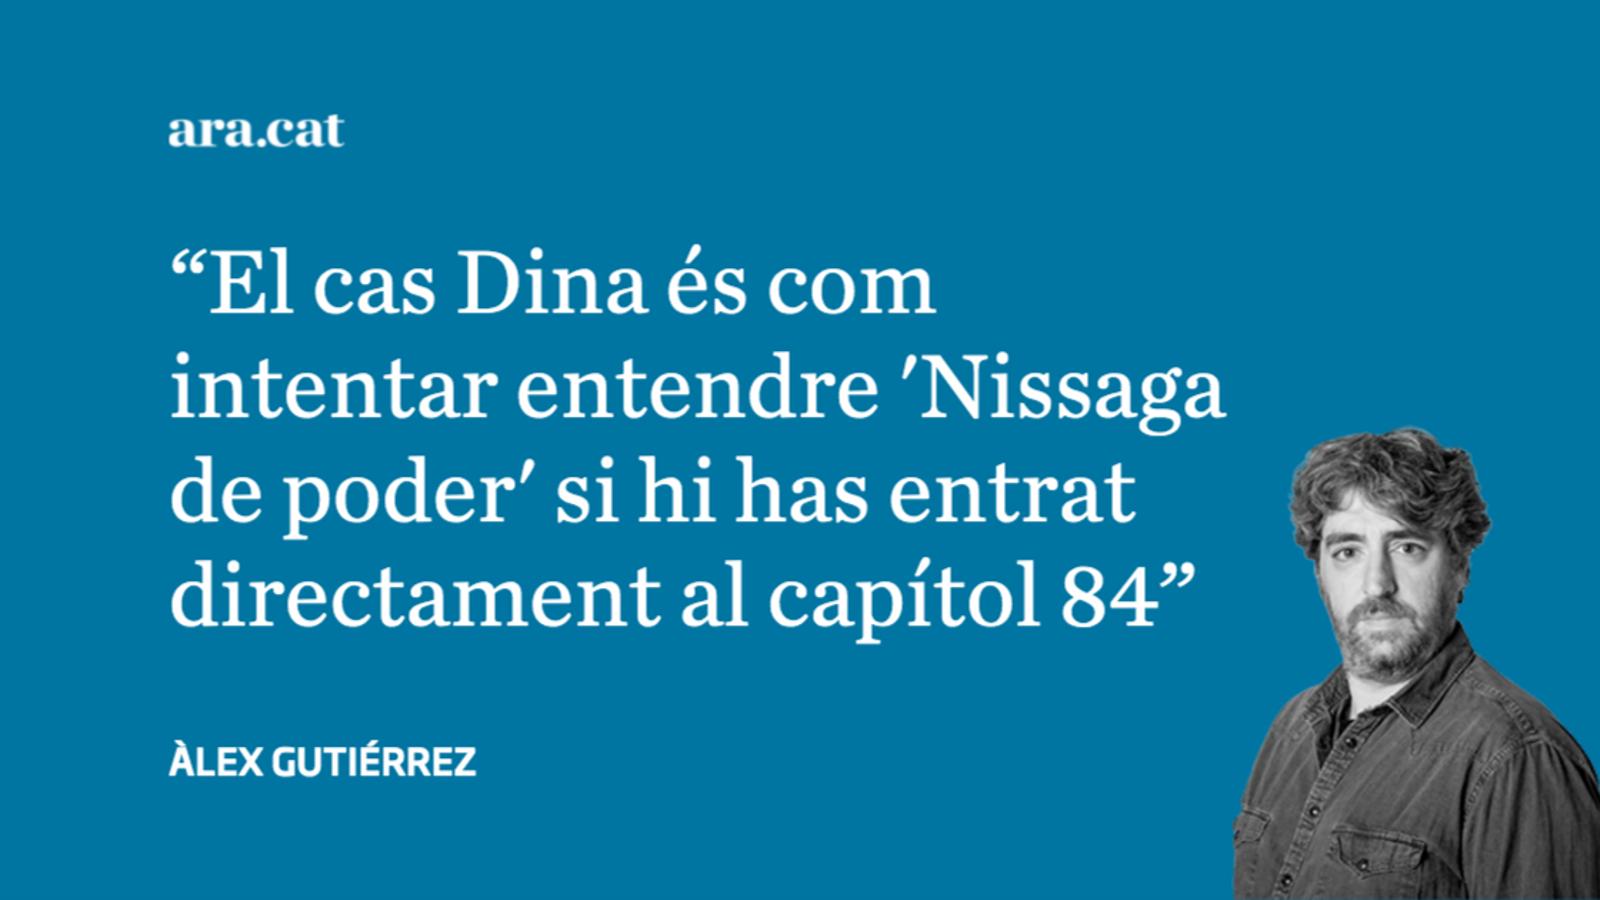 L'amortitzat del mes: Pablo Iglesias